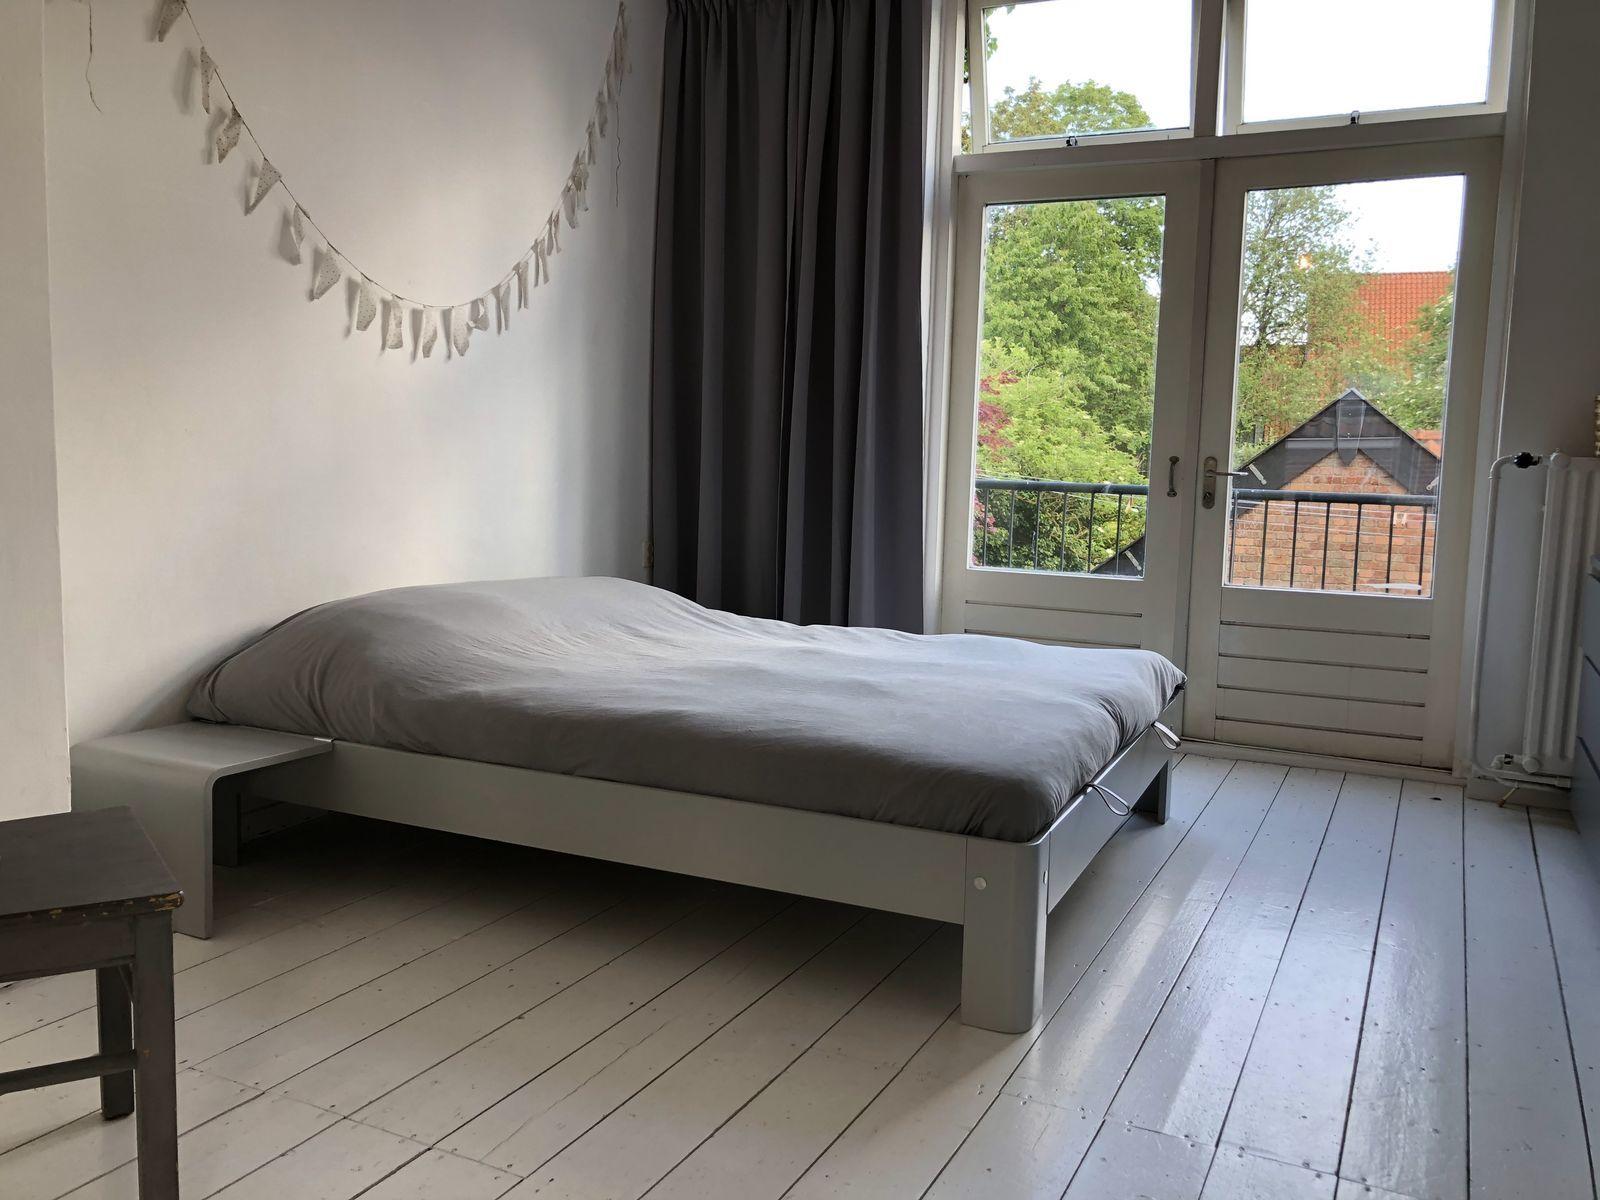 Holidayhome - Spanjaardstraat 12 | Middelburg